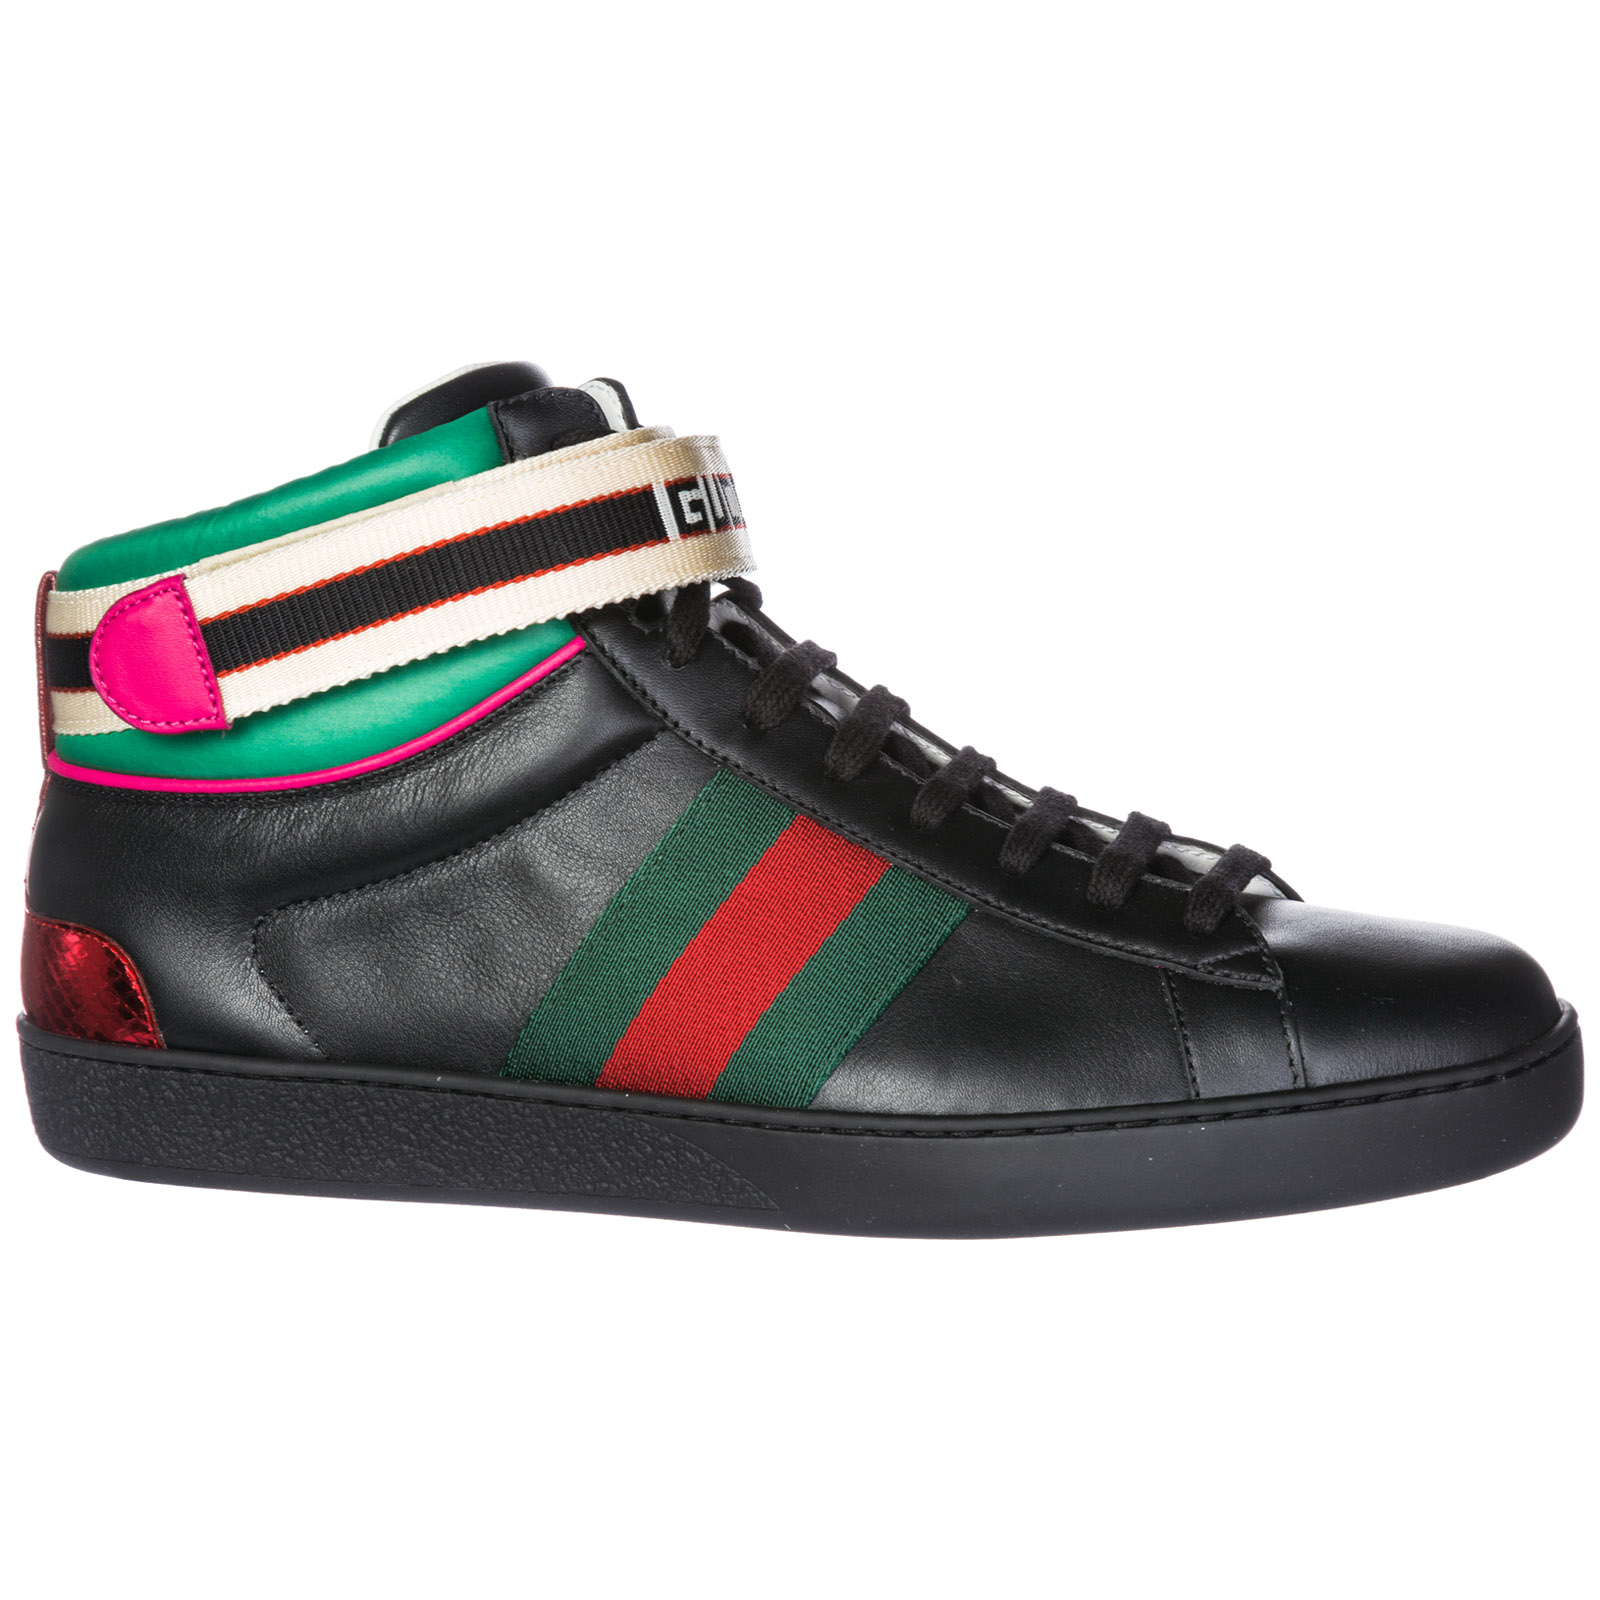 Baskets hautes Gucci Ace 523472 0FIW0 1079 nero   FRMODA.com 39b3c2d668c